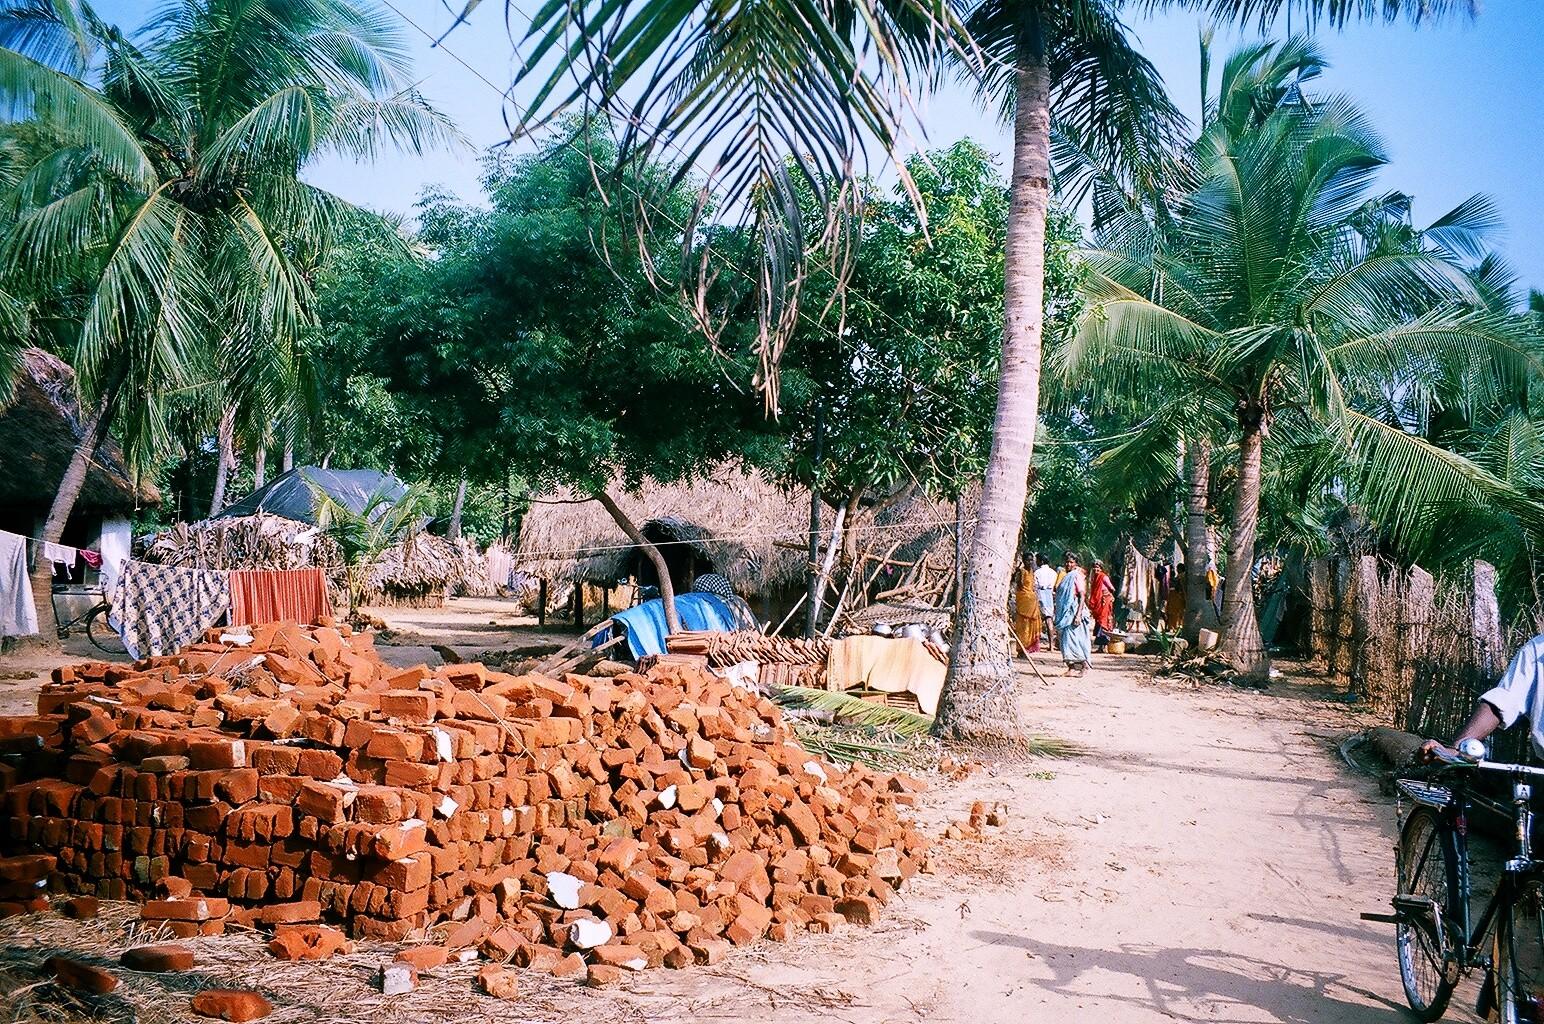 Décembre 2005 - Récupération des briques en bon état pour la reconstruction à Ganga Nagar